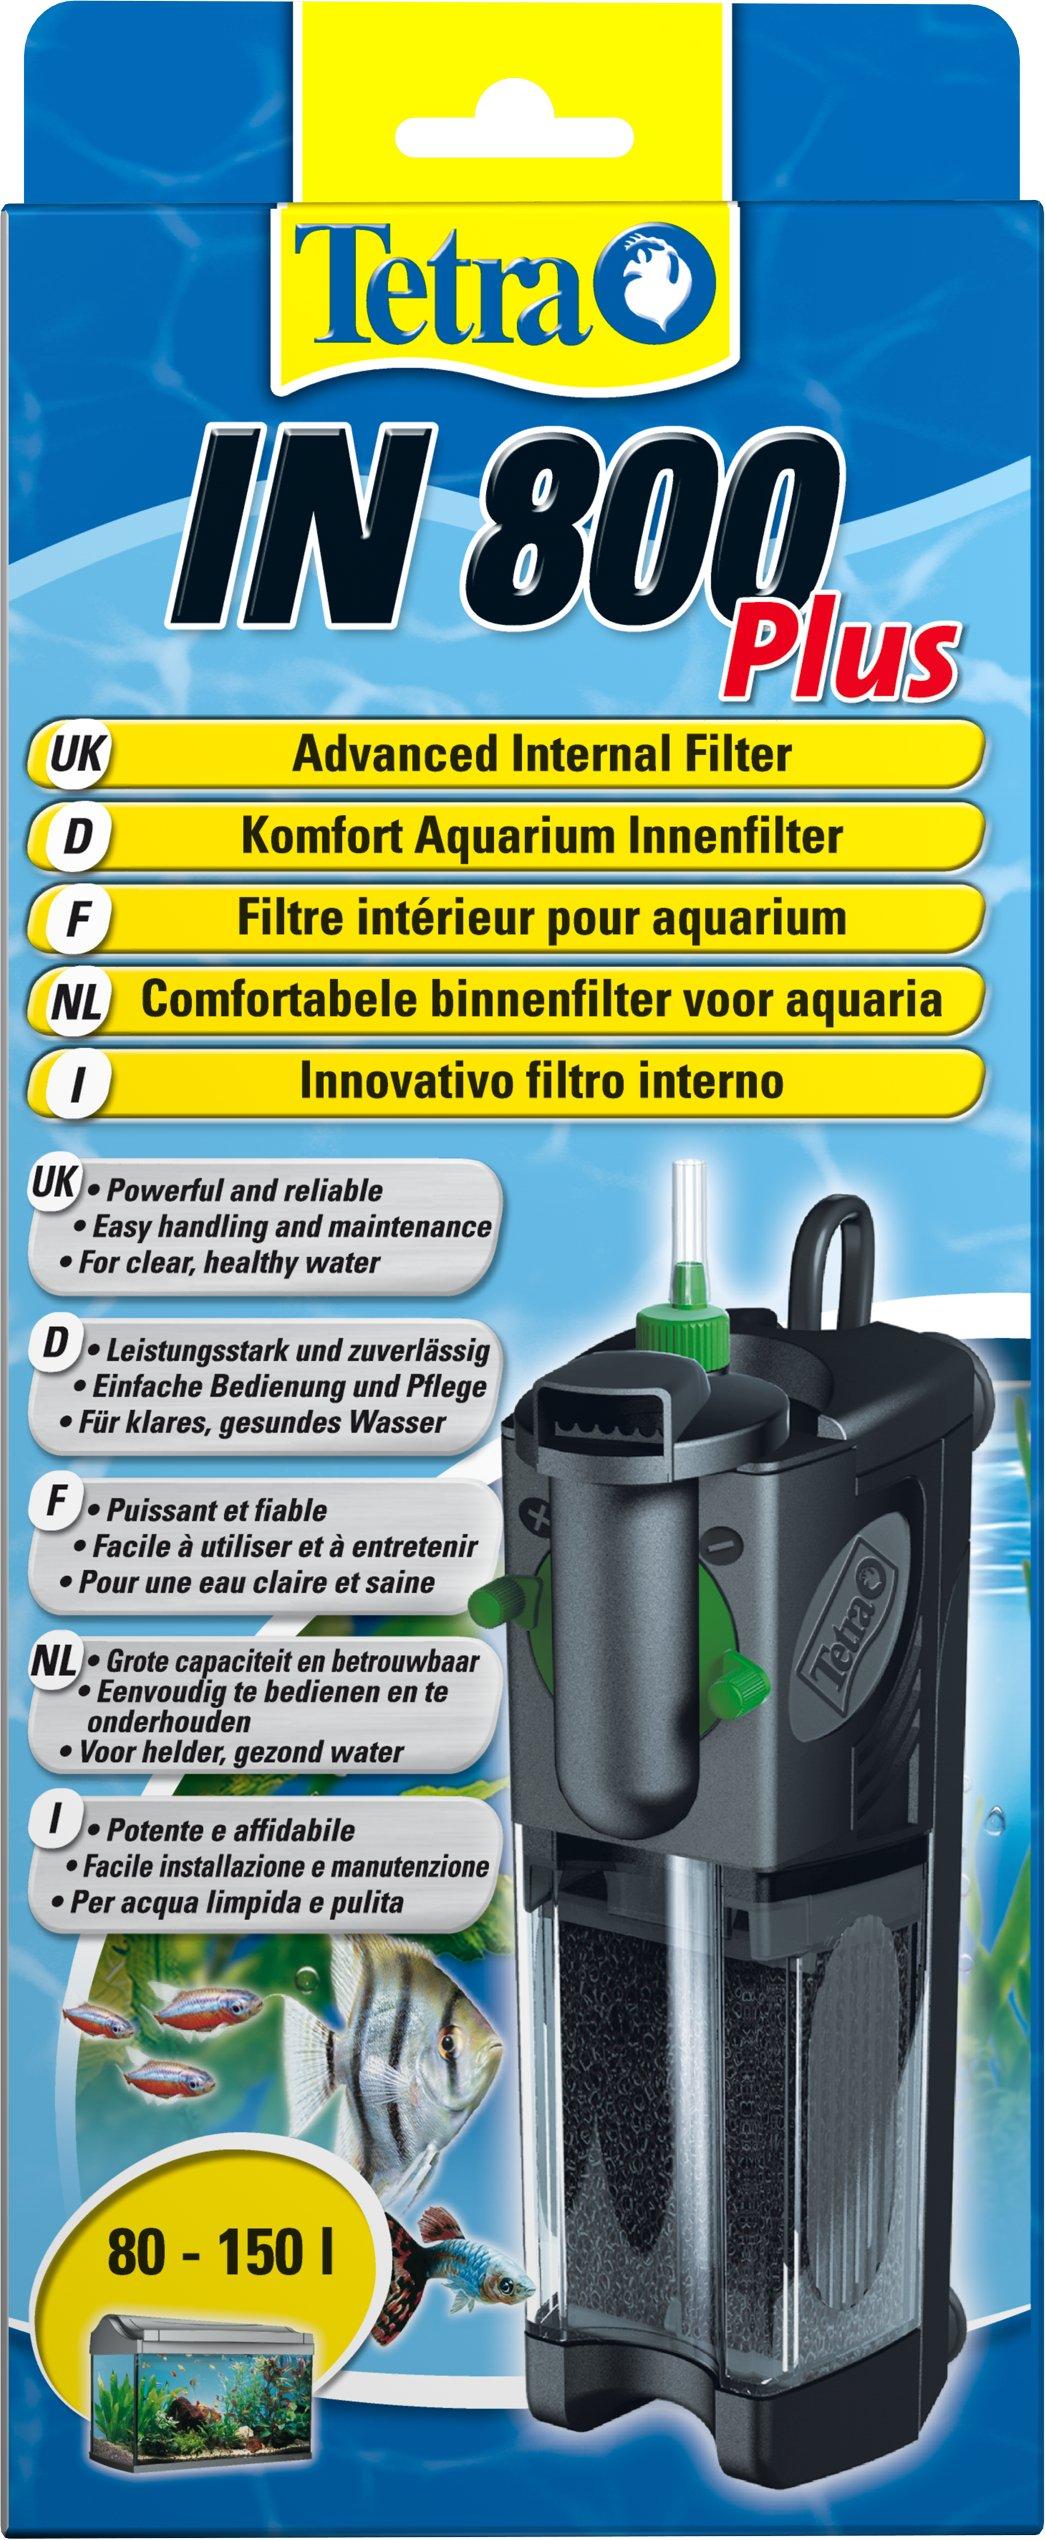 Tetra - 607668 - Filtre Intérieur pour Aquarium IN 800 Plus product image